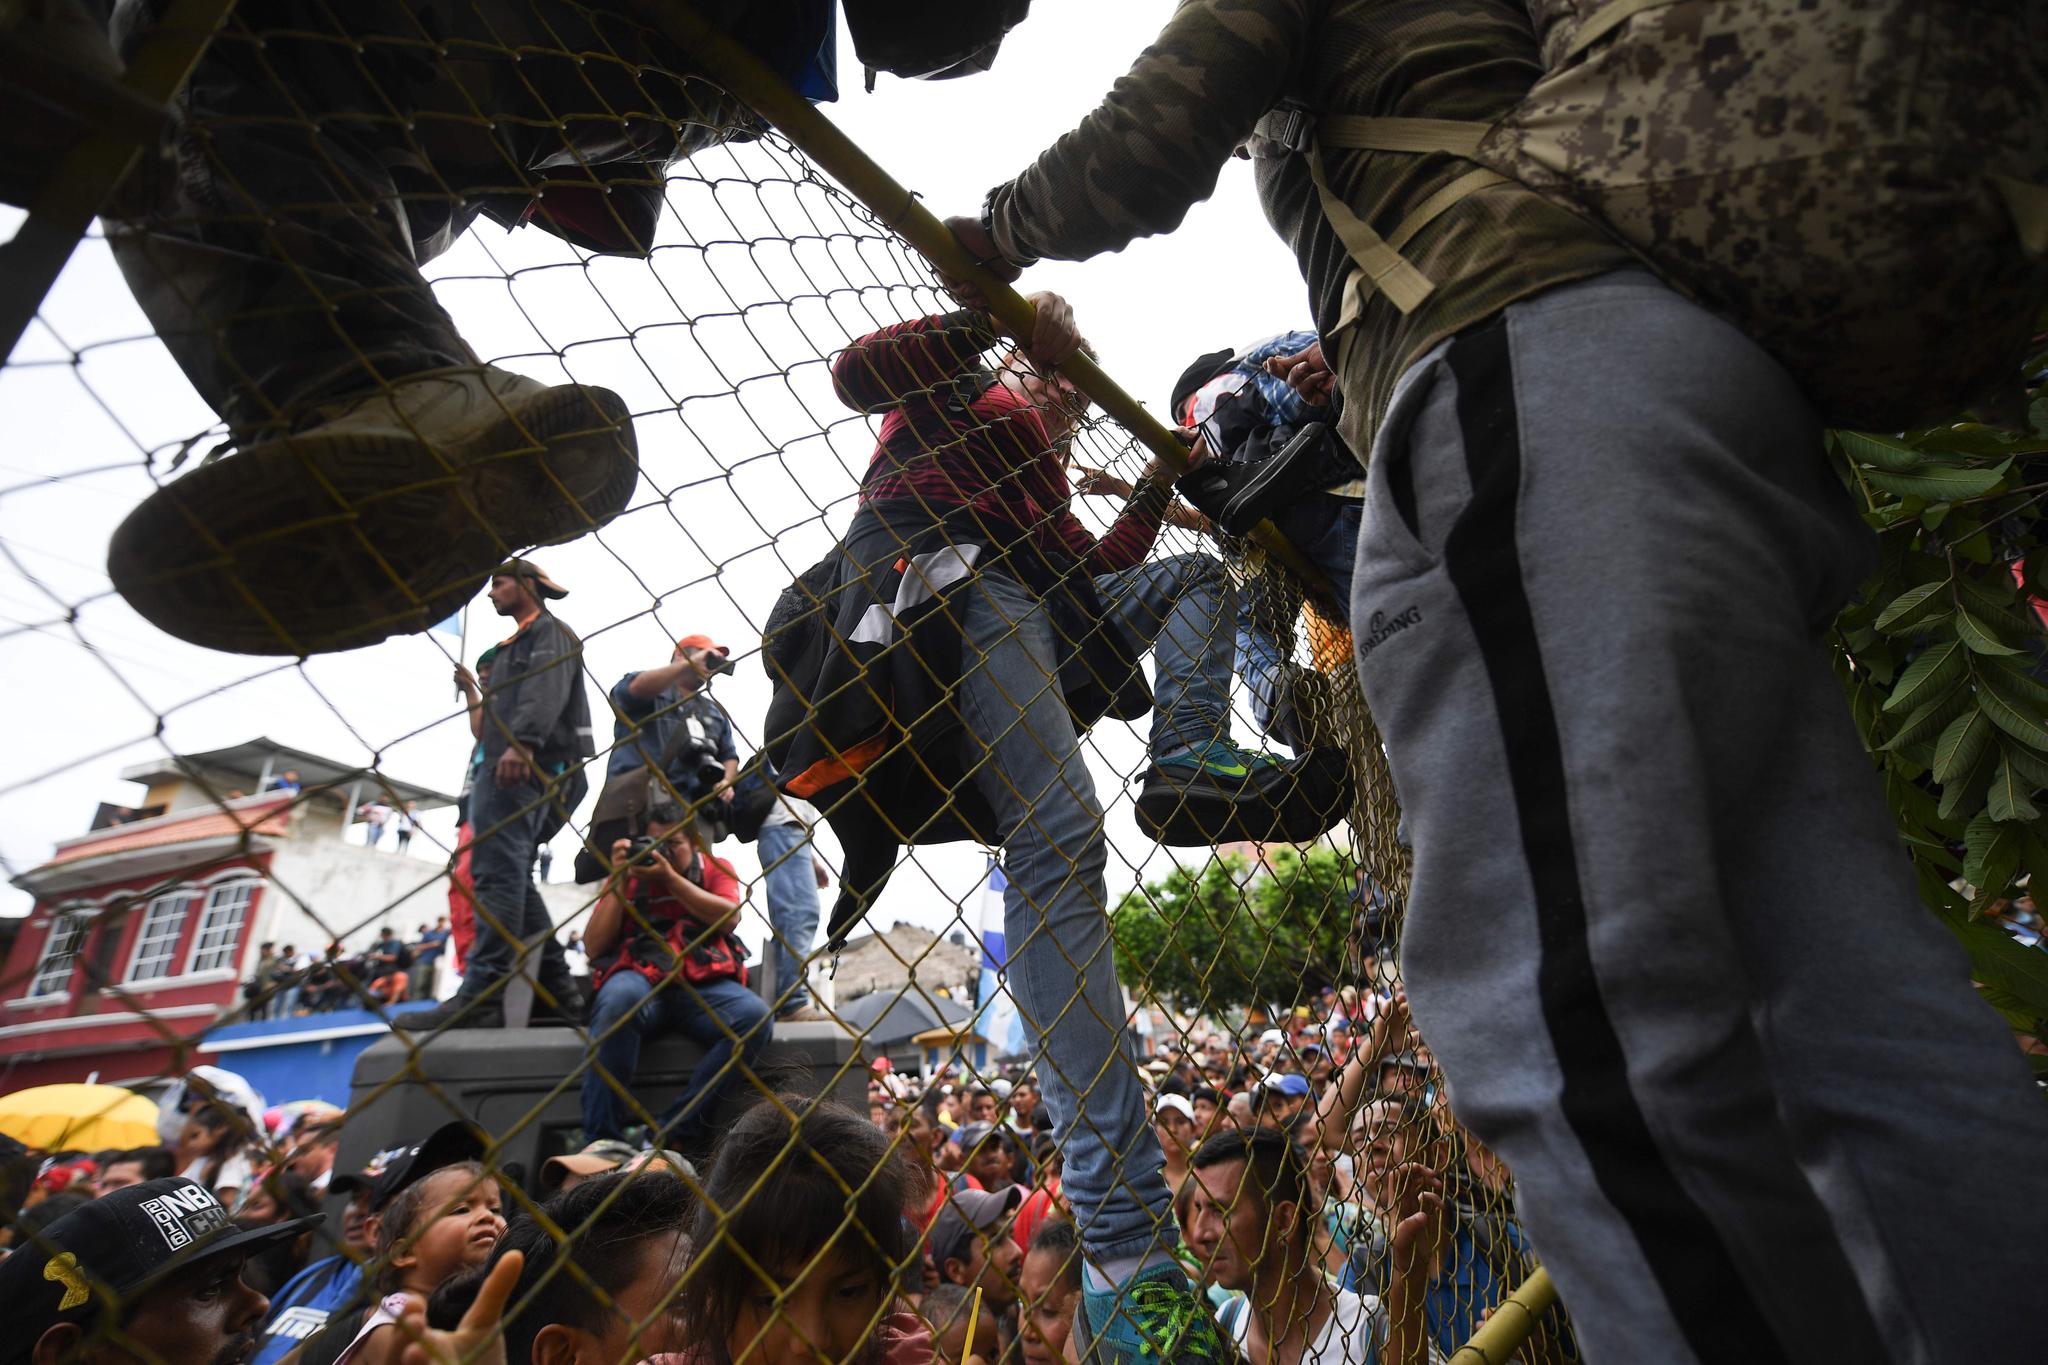 미국으로 향하는 온두라스 이주자들이 19일(현지시간) 과테말라와 멕시코 국경 다리로 가기위해 철문을 넘고 있다. [AFP=연합뉴스]